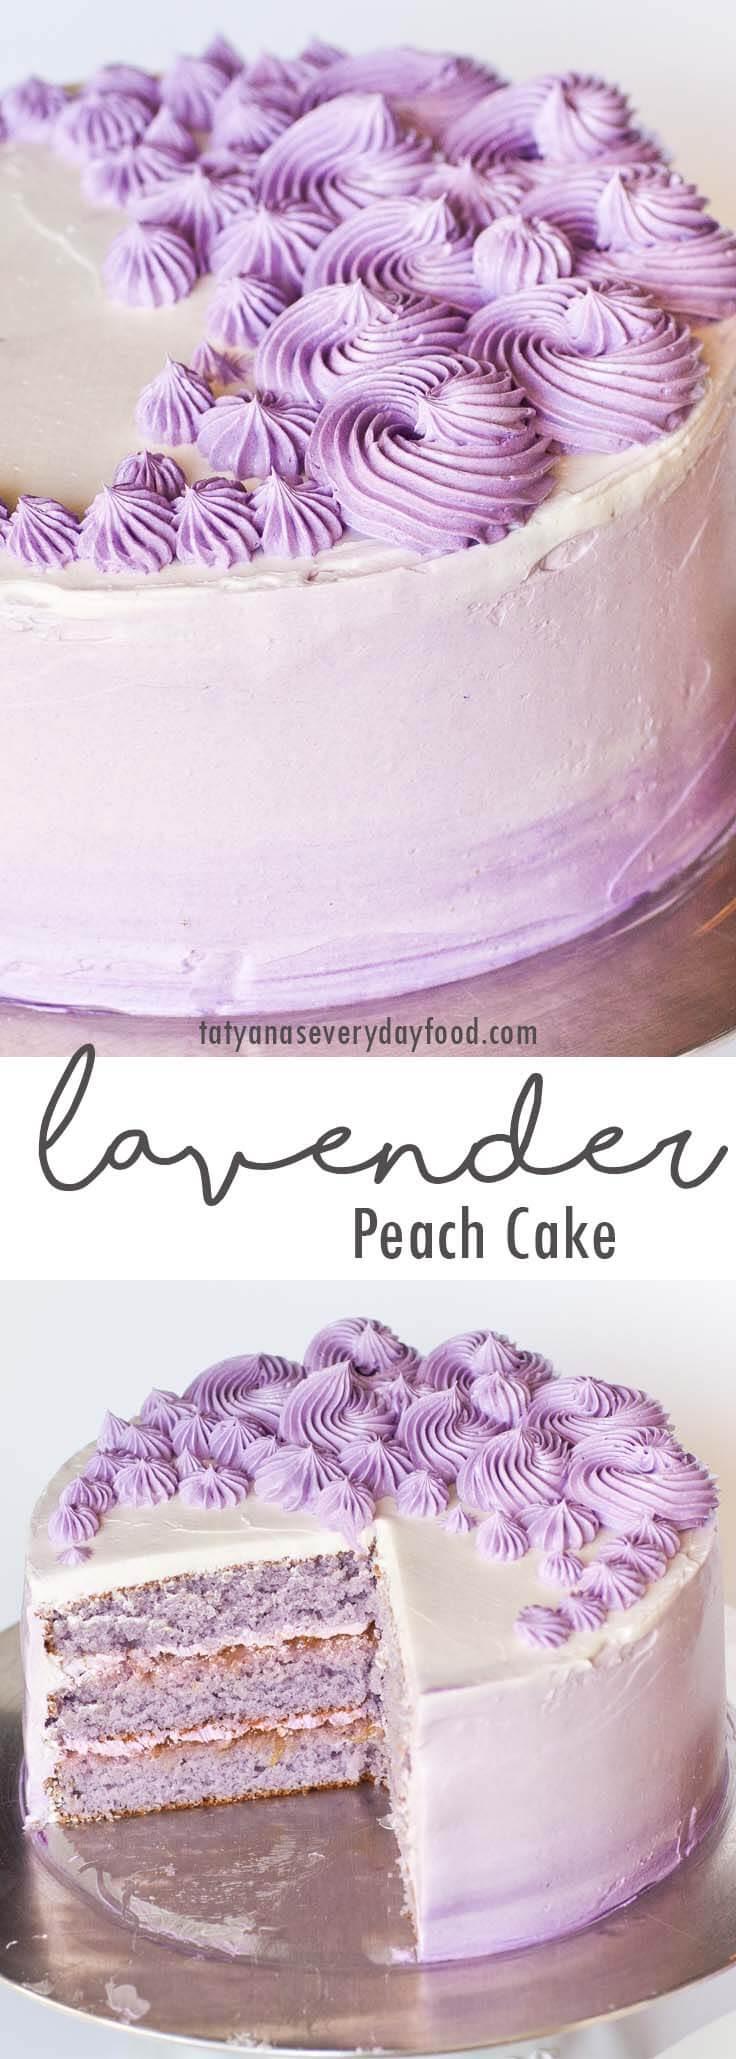 Peach Lavender Cake video recipe